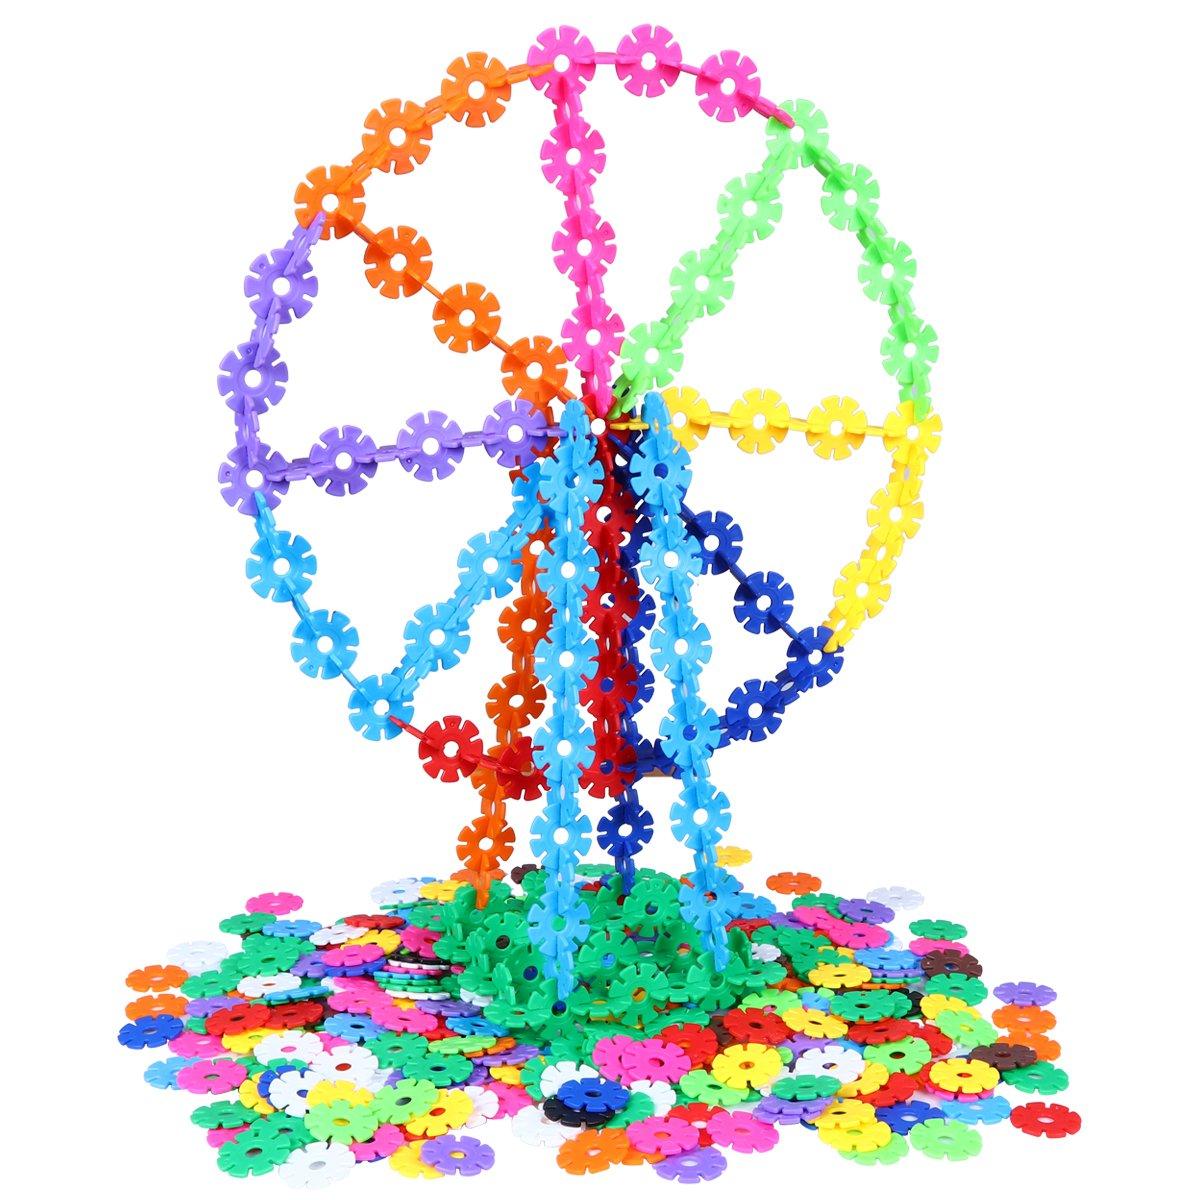 500 Pcs Snowflakes Building Toys